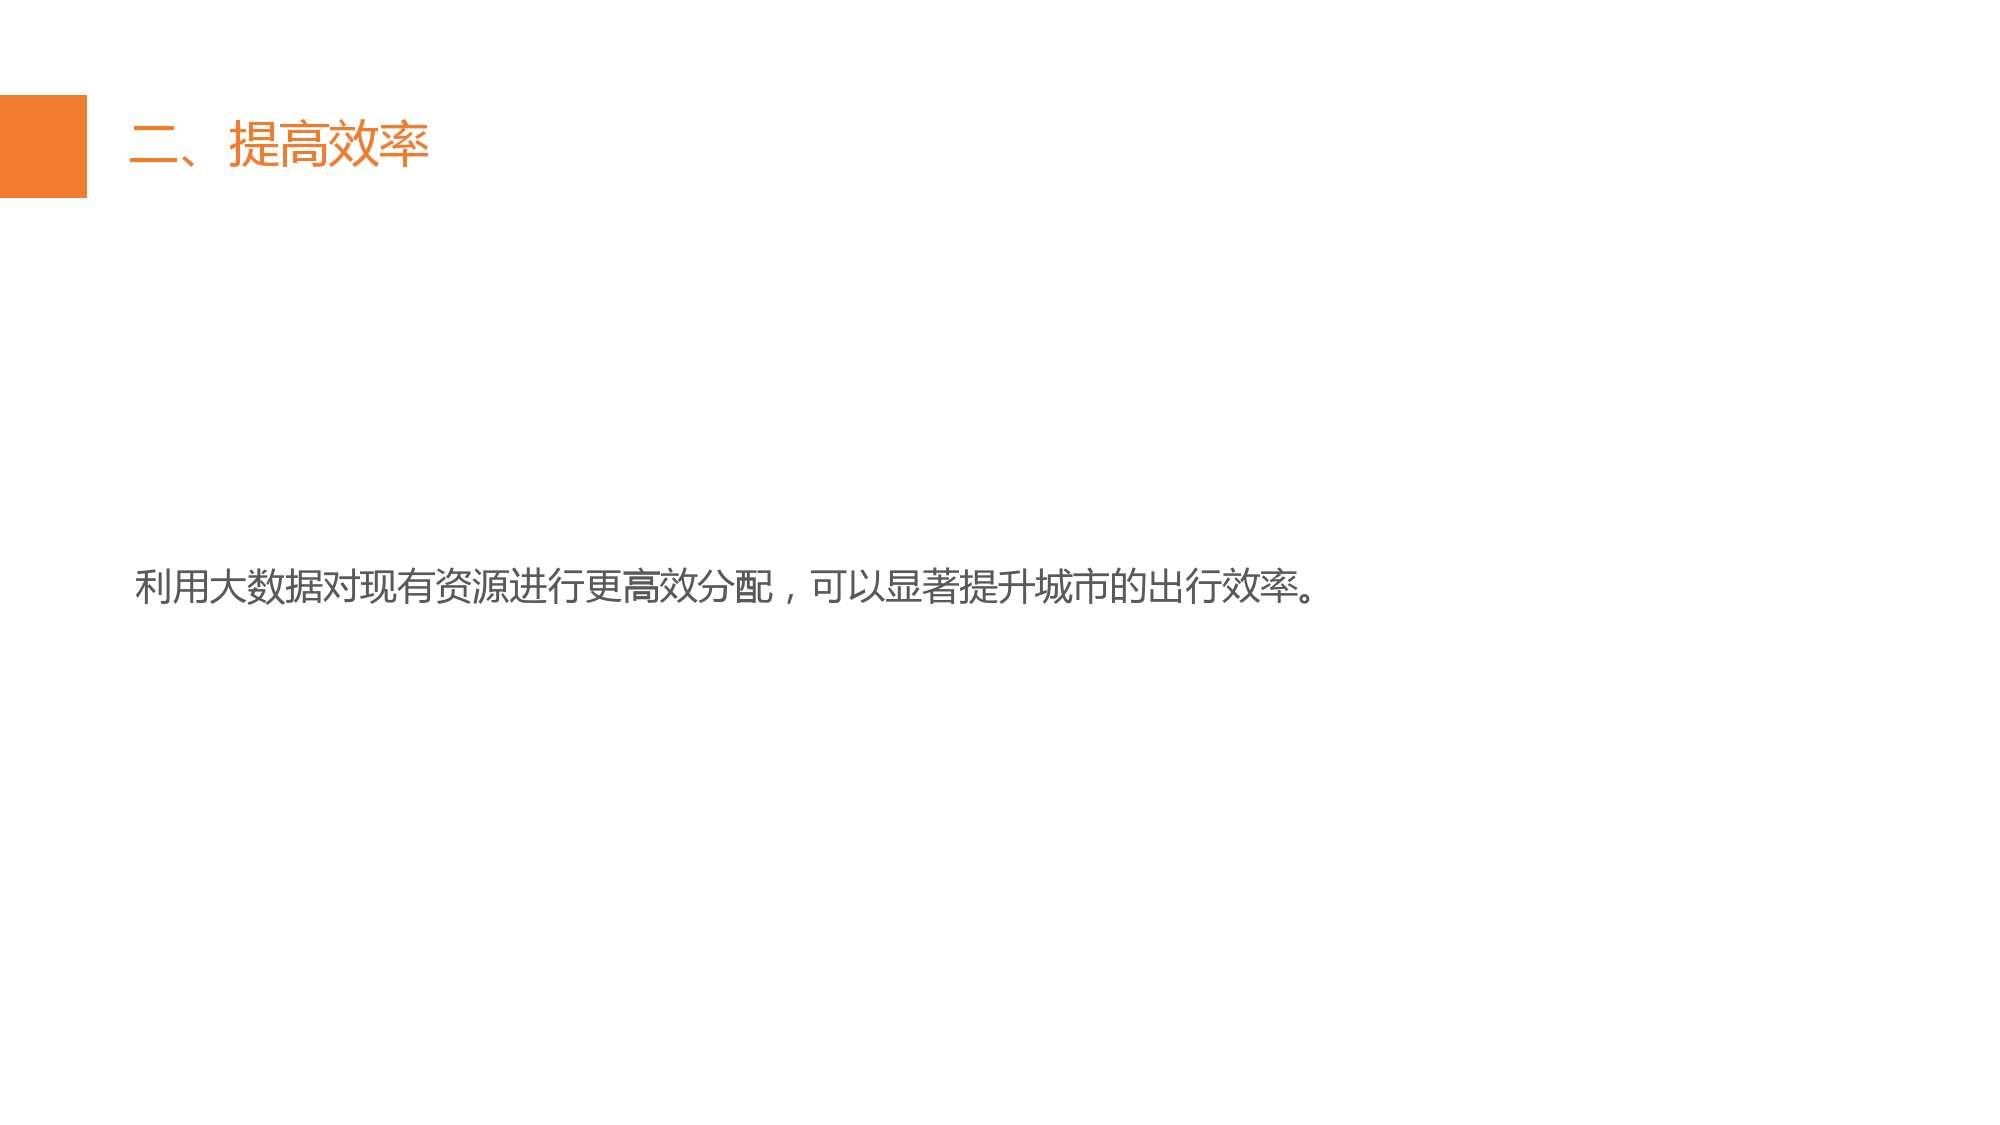 中国智能出行2015大数据报告_000035